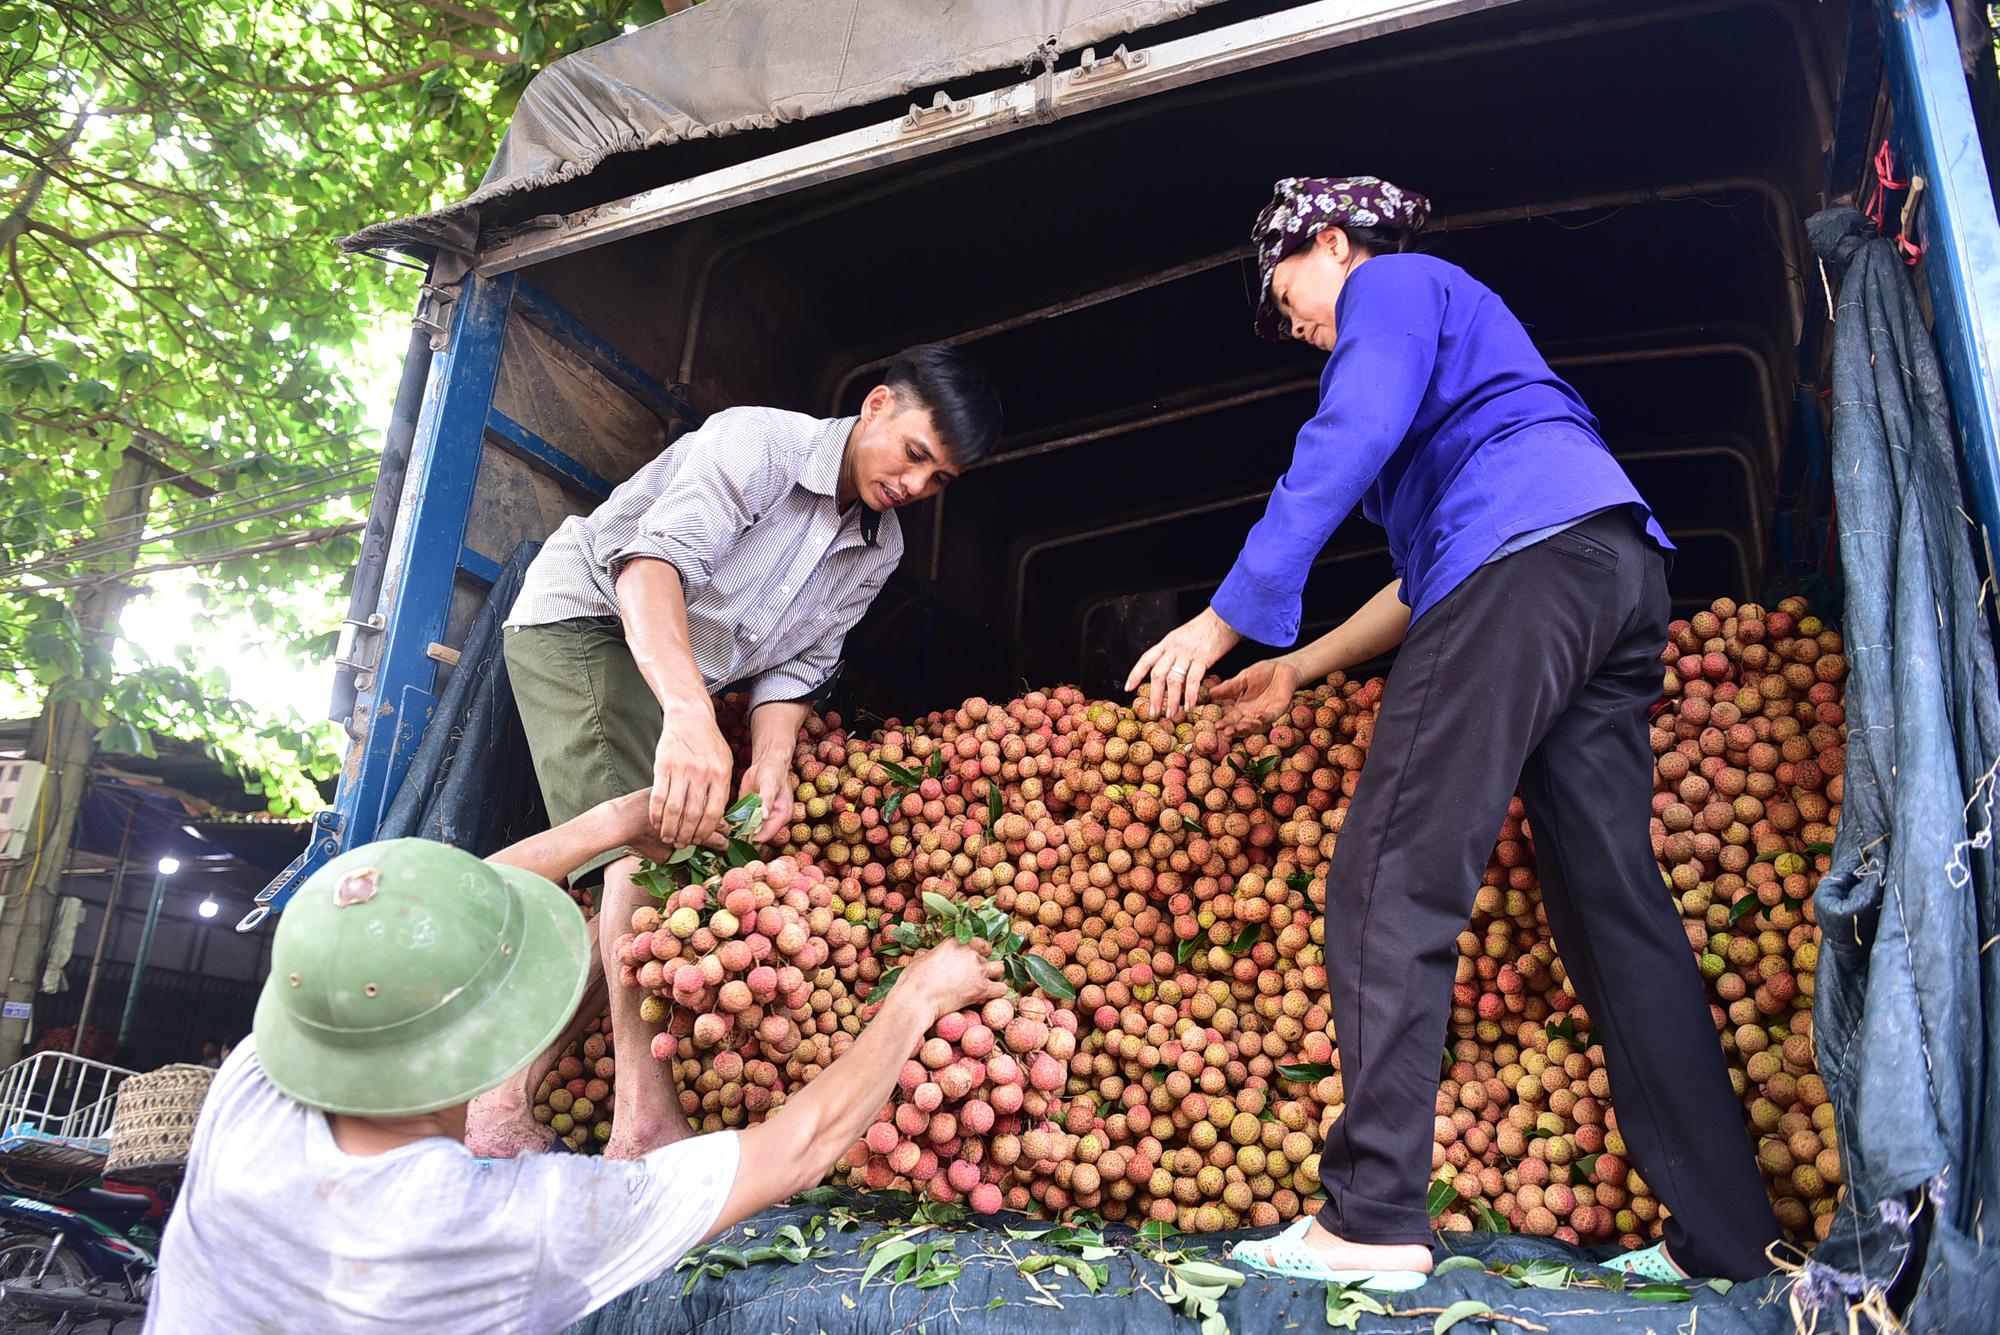 Lo dịch Covid-19 phức tạp, Bộ NNPTNT sẽ làm việc với Đại sứ Trung Quốc tại Việt Nam bàn tiêu thụ nông sản - Ảnh 1.